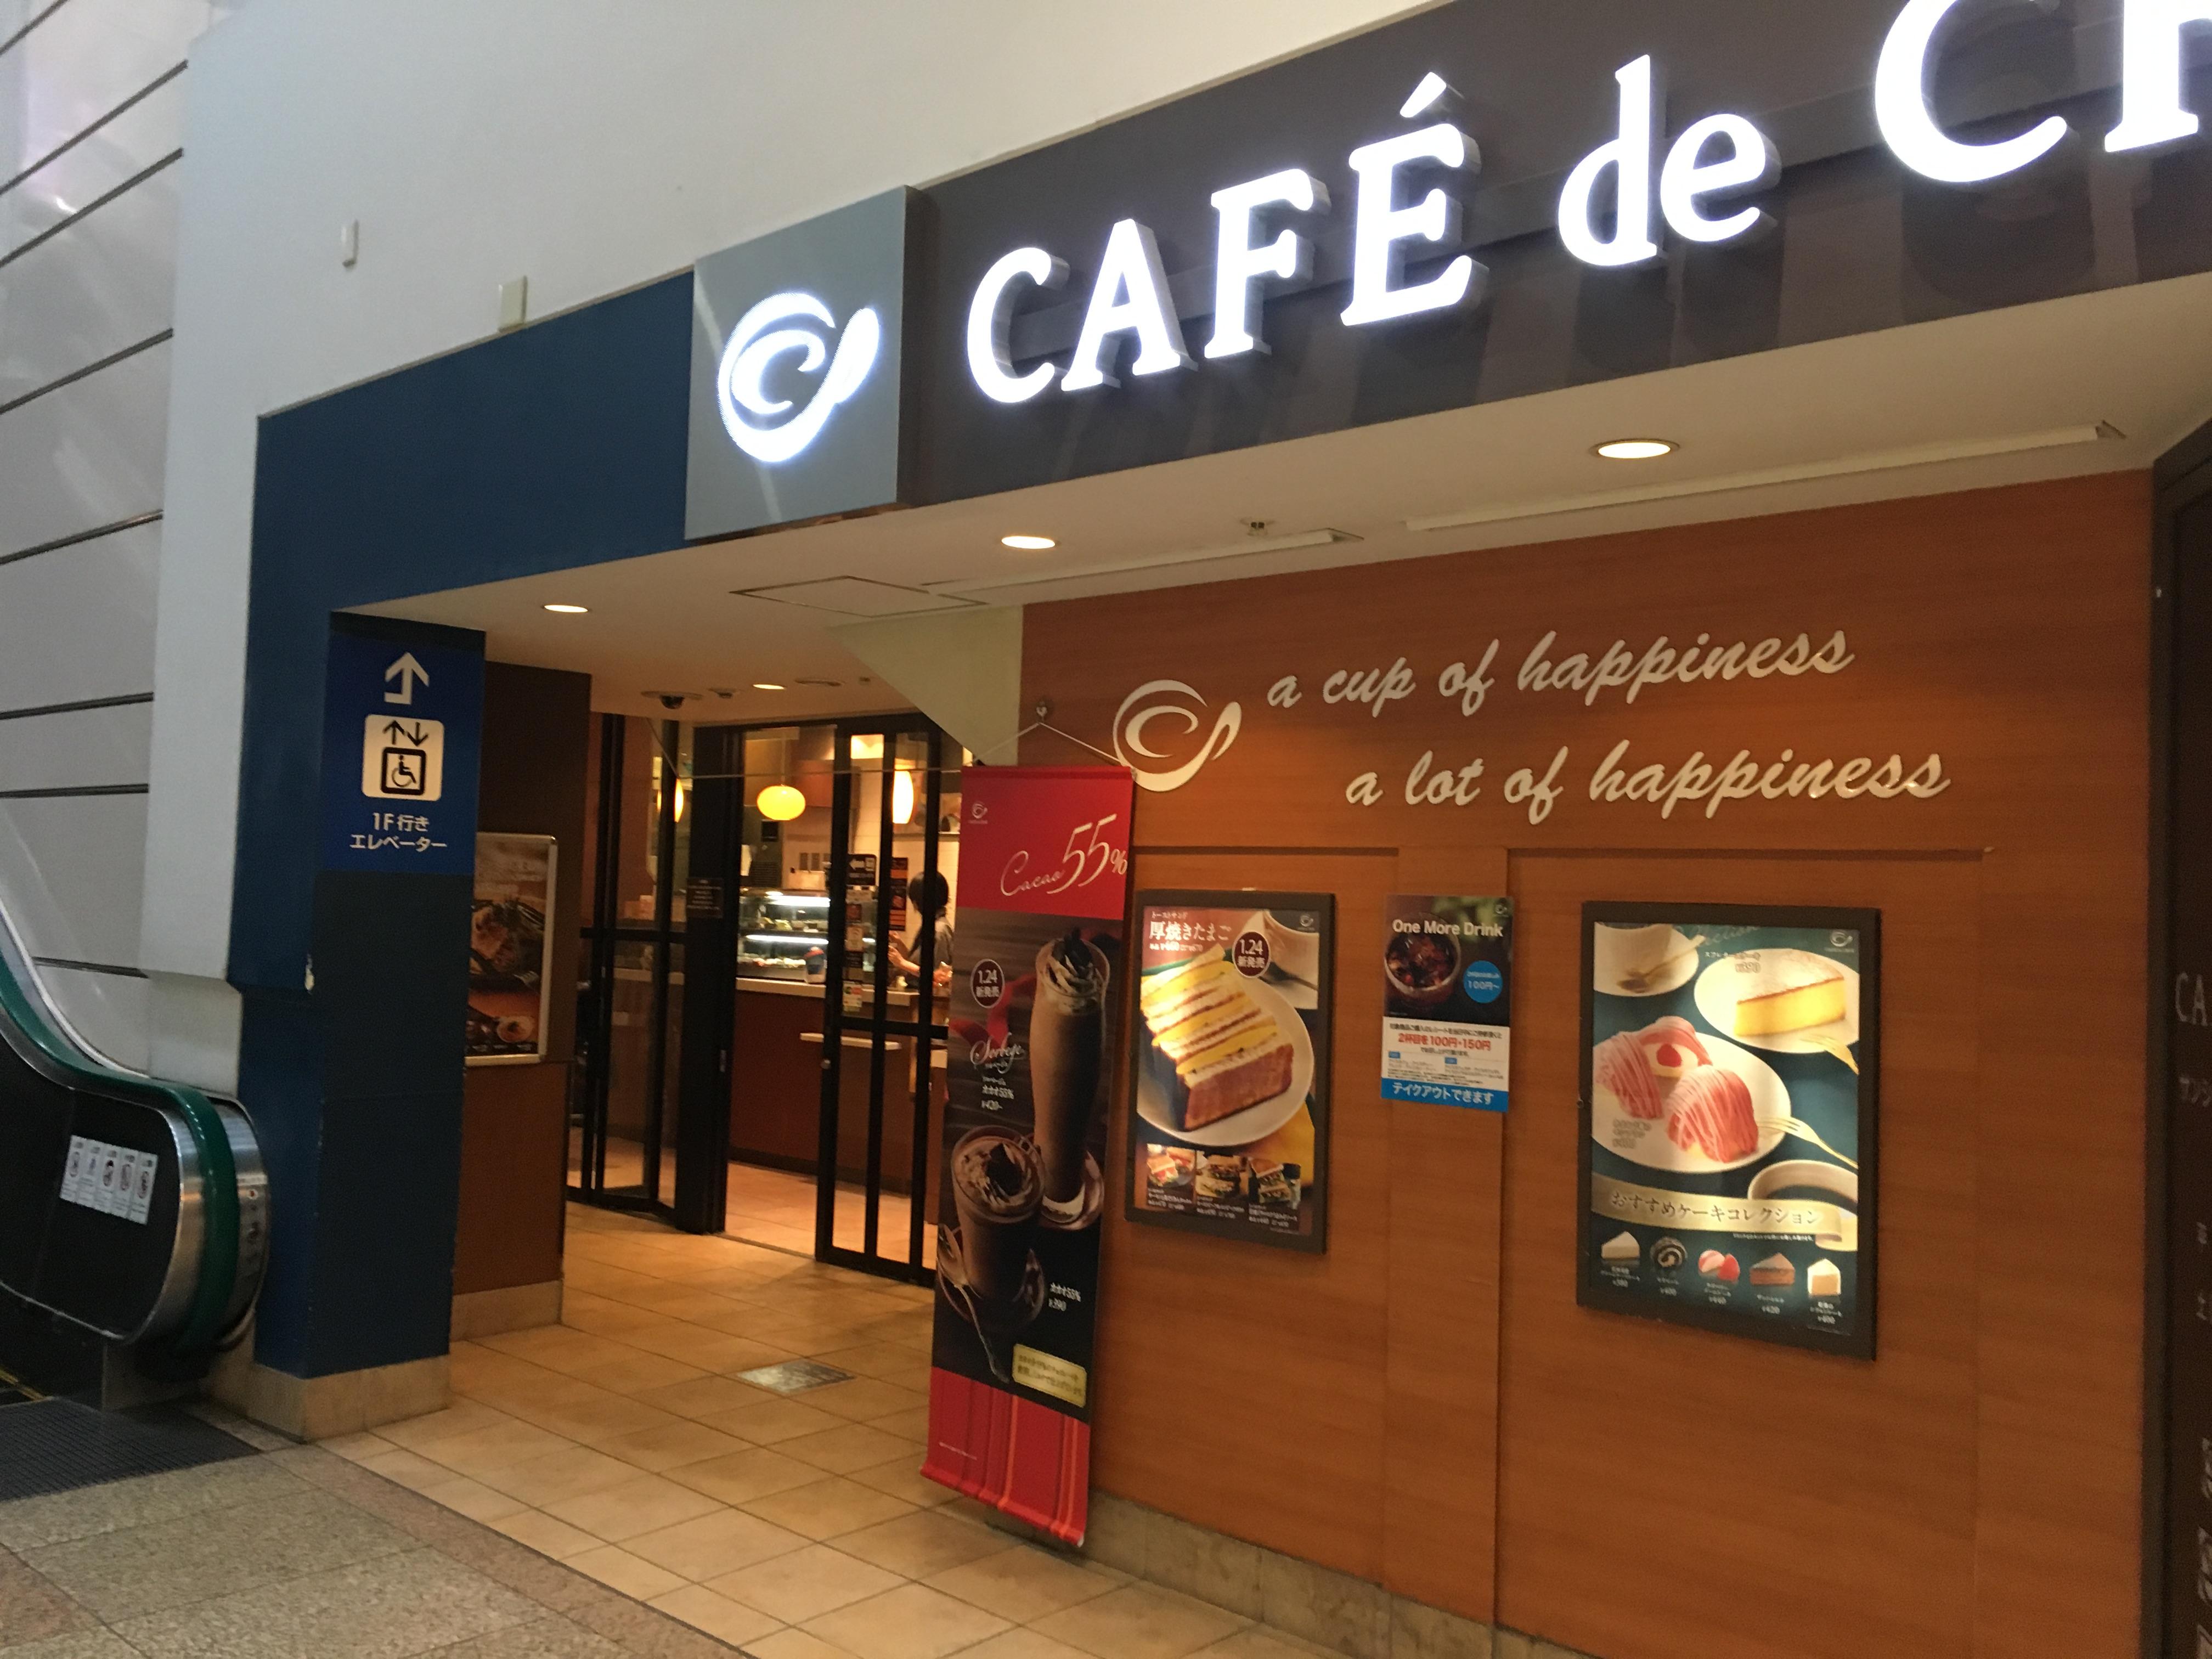 サンシャインシティでひと息入れるいい感じカフェ「CAFE de CRIE」